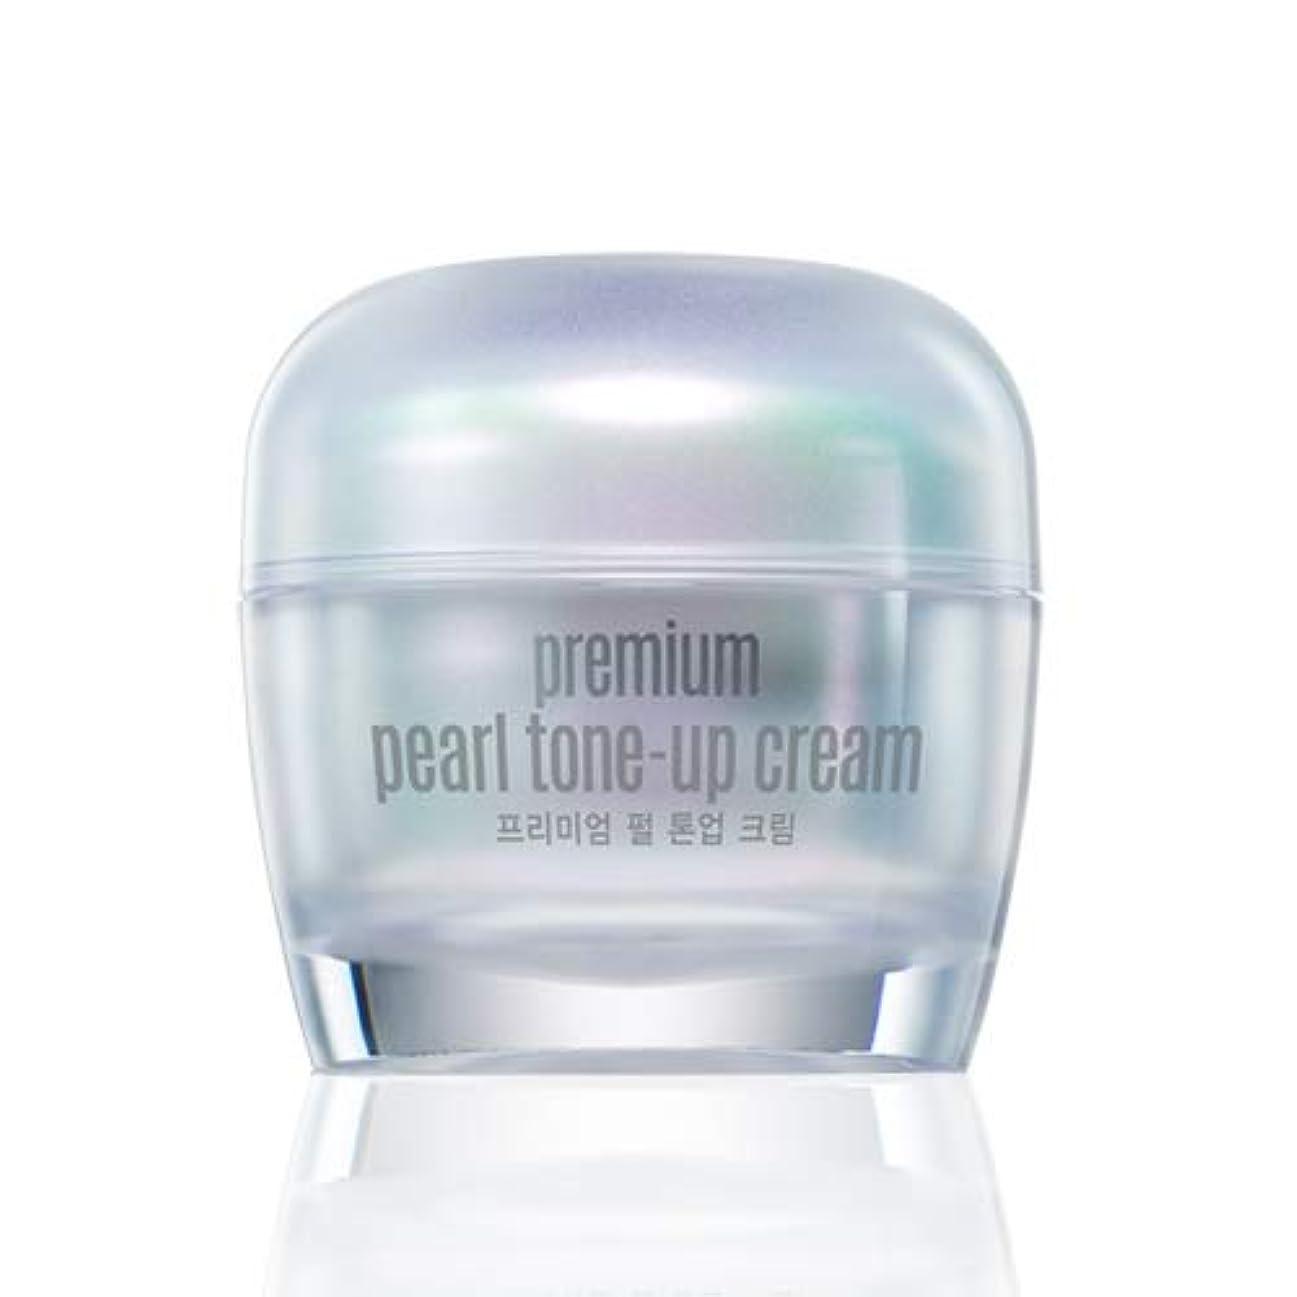 密接にノーブル感じるグーダル プレミアム パール トーンアップ クリーム50ml Goodal Premium Pearl Tone-up Cream [並行輸入品]